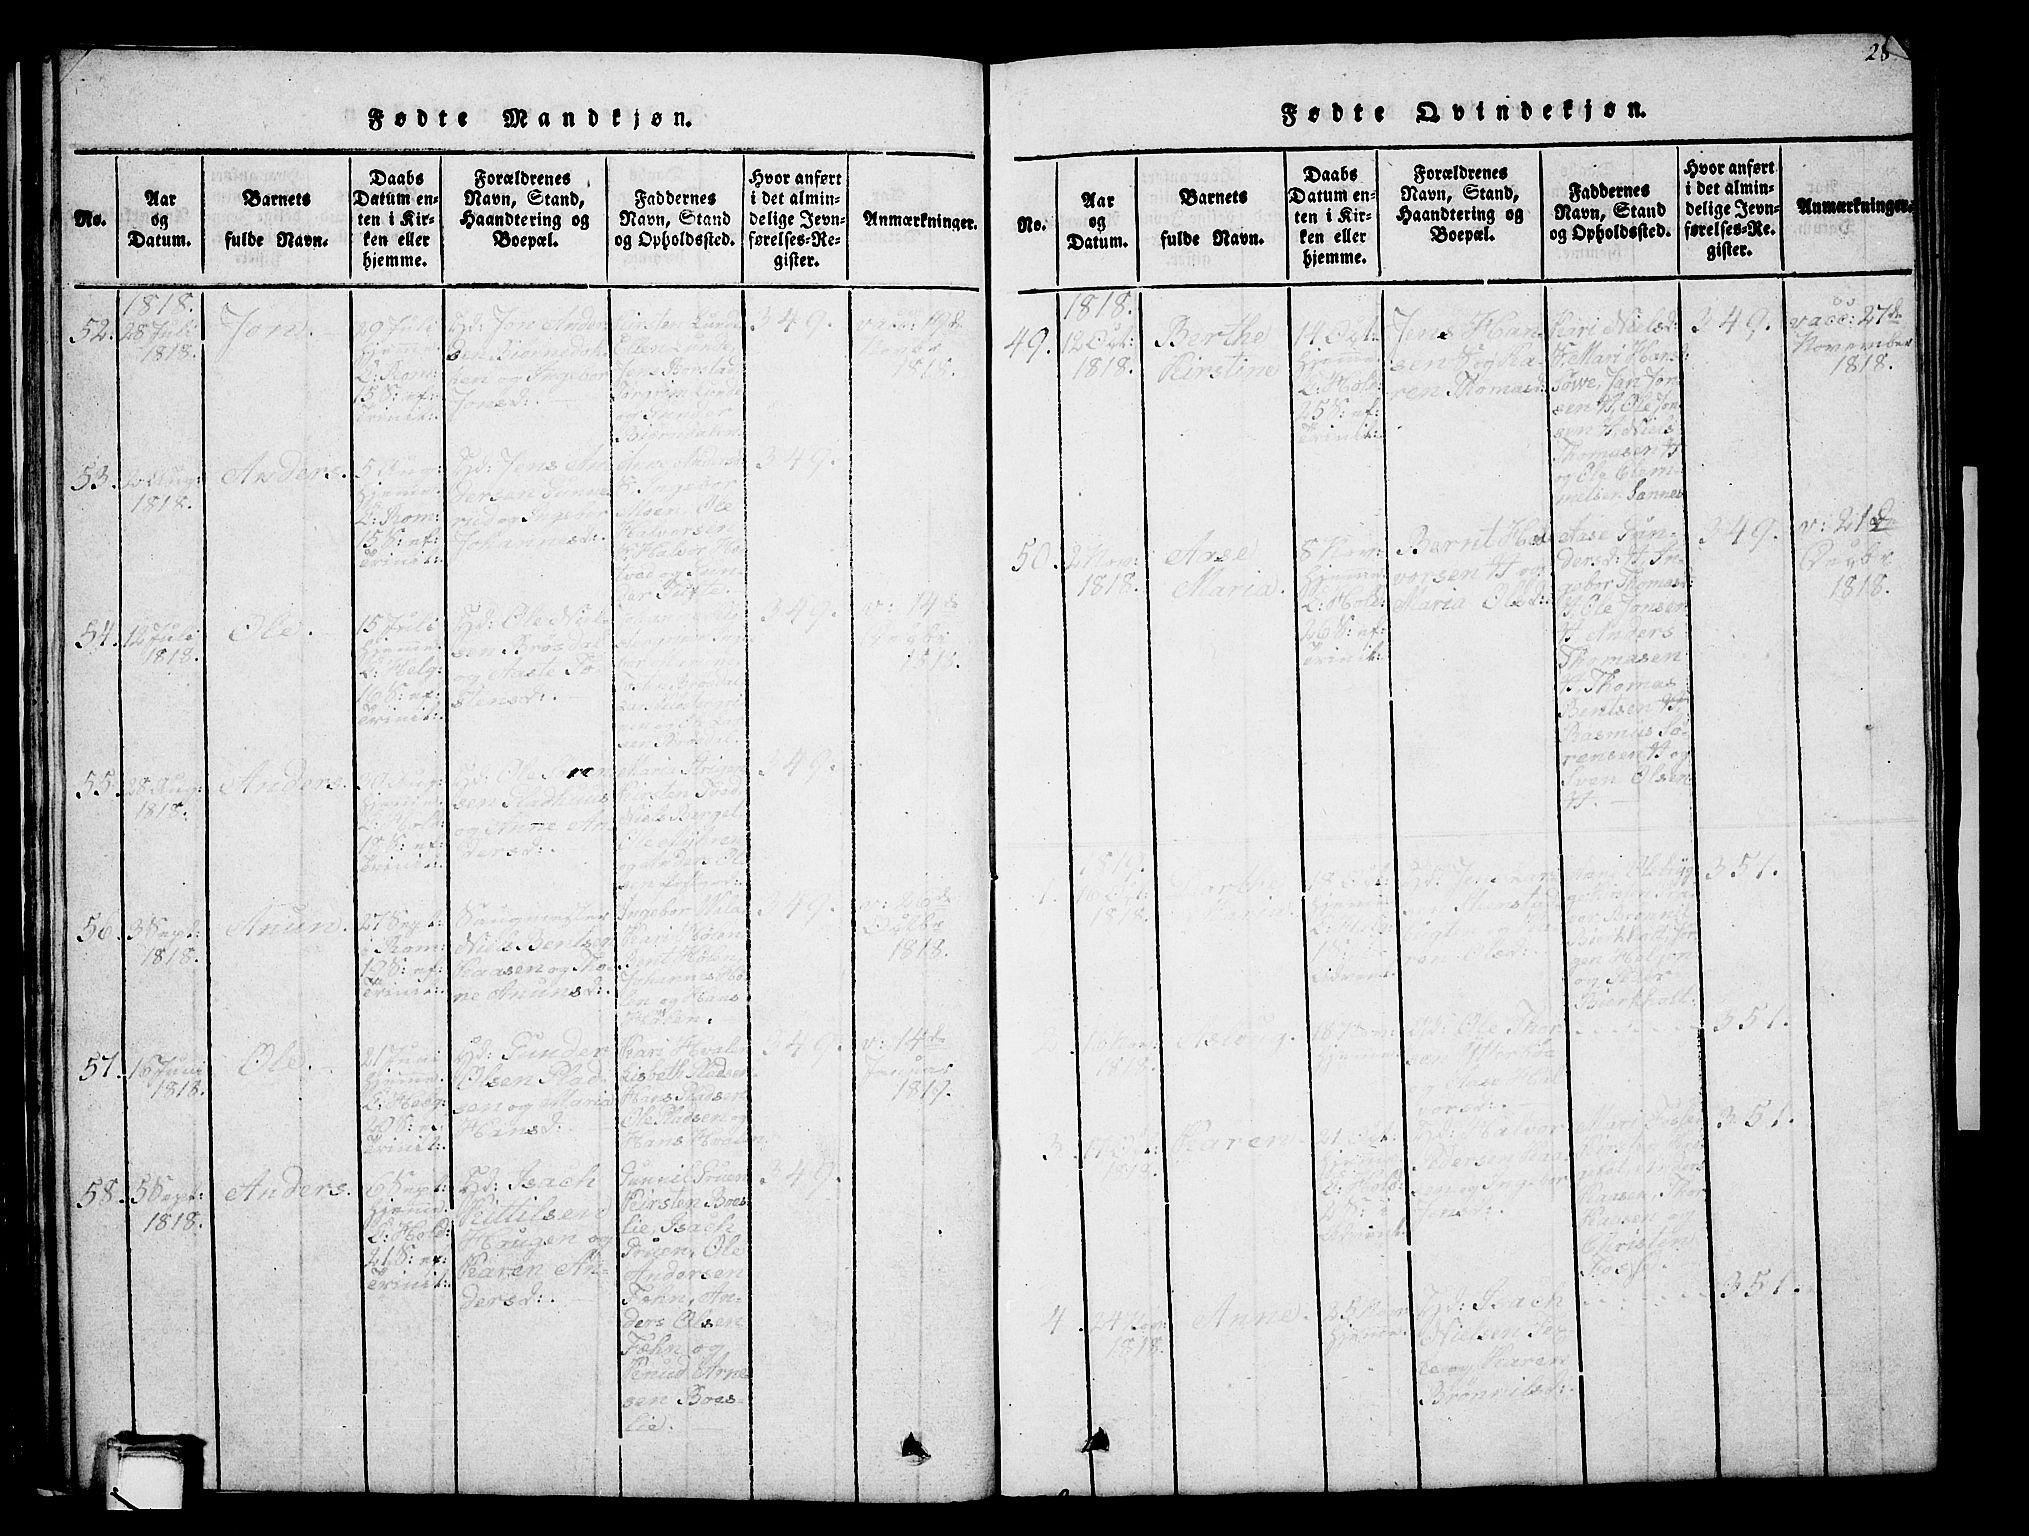 SAKO, Holla kirkebøker, G/Ga/L0001: Klokkerbok nr. I 1, 1814-1830, s. 28